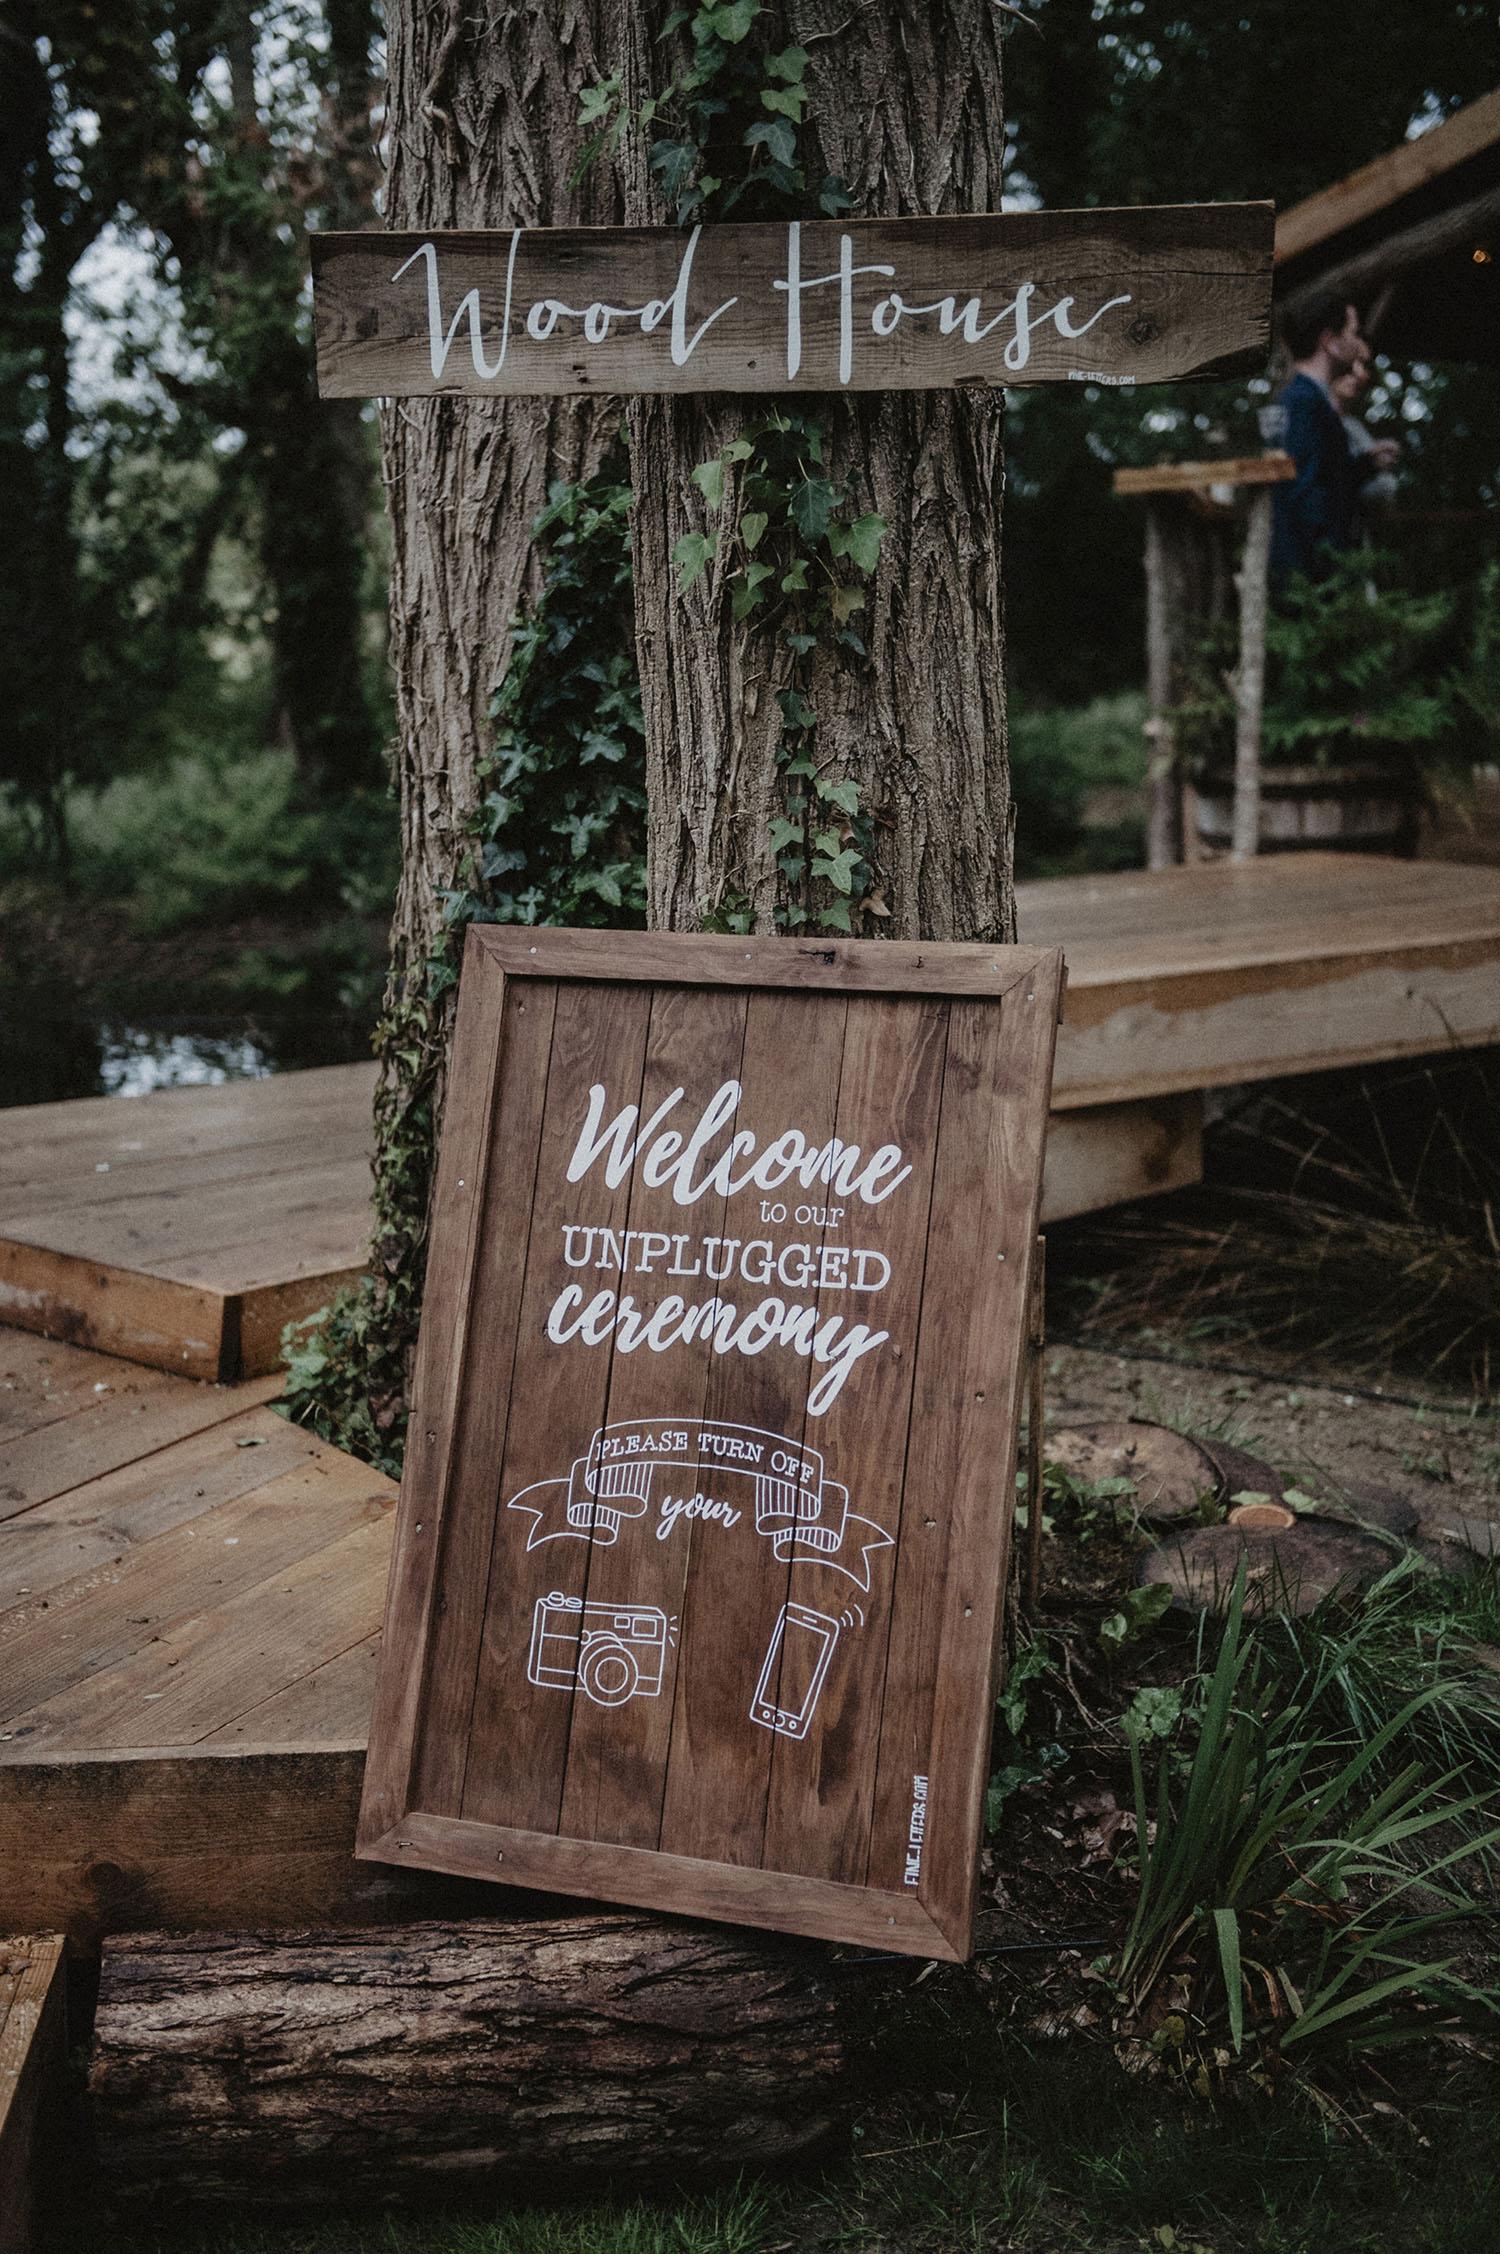 Mariage dans la Wood House au Coco Barn près de Hossegor, Angresse, Seignosse, Landes. Panneau bois pour une cérémonie laïque. Photographe lifestyle, mariage écoresponsable et atypique.